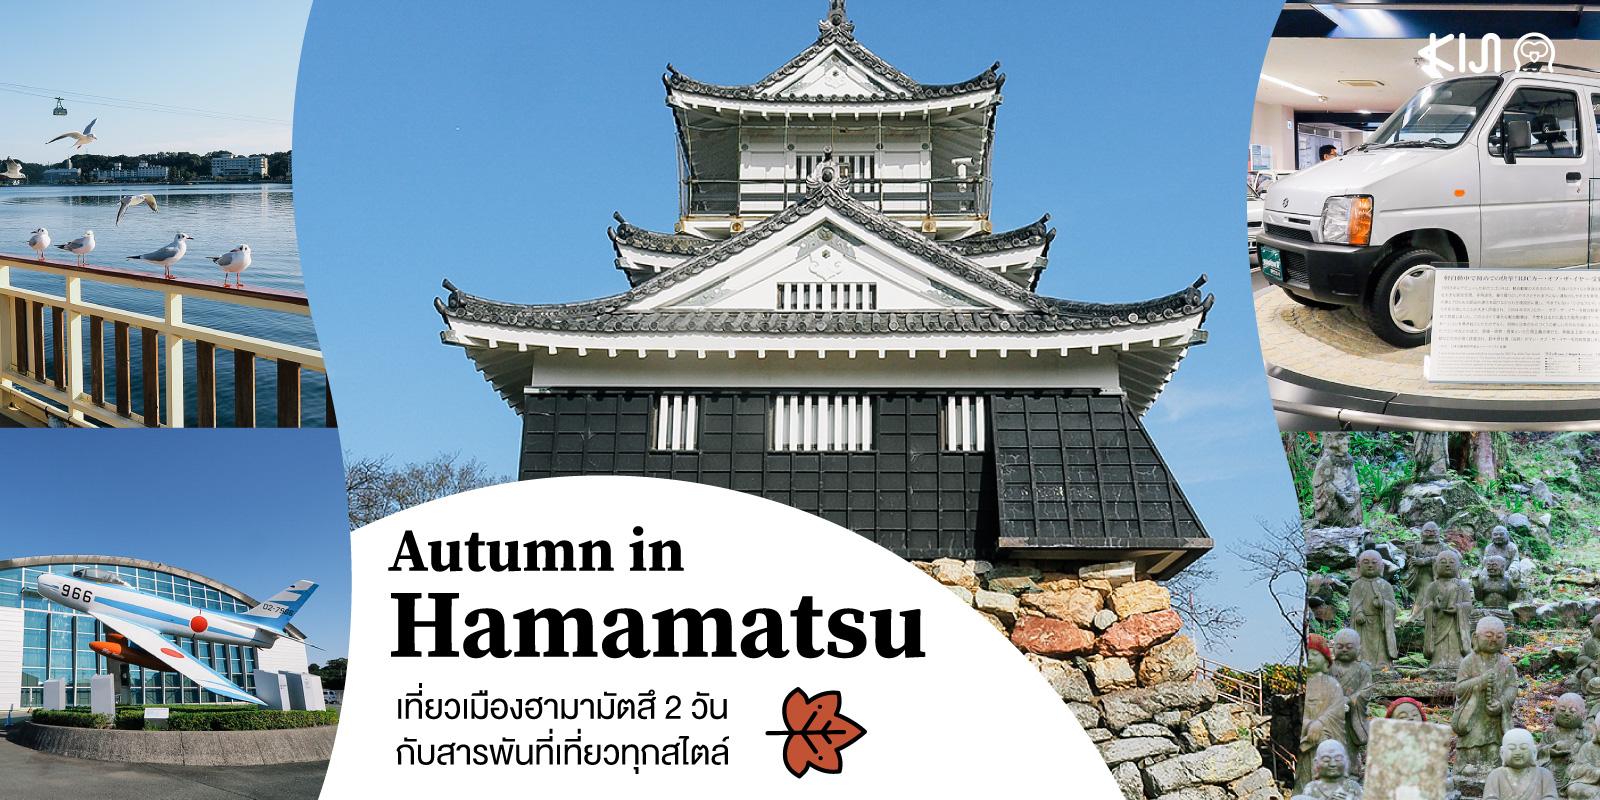 ทริปฤดูใบไม้ร่วงที่ Hamamatsu ในจังหวัดชิซูโอกะ